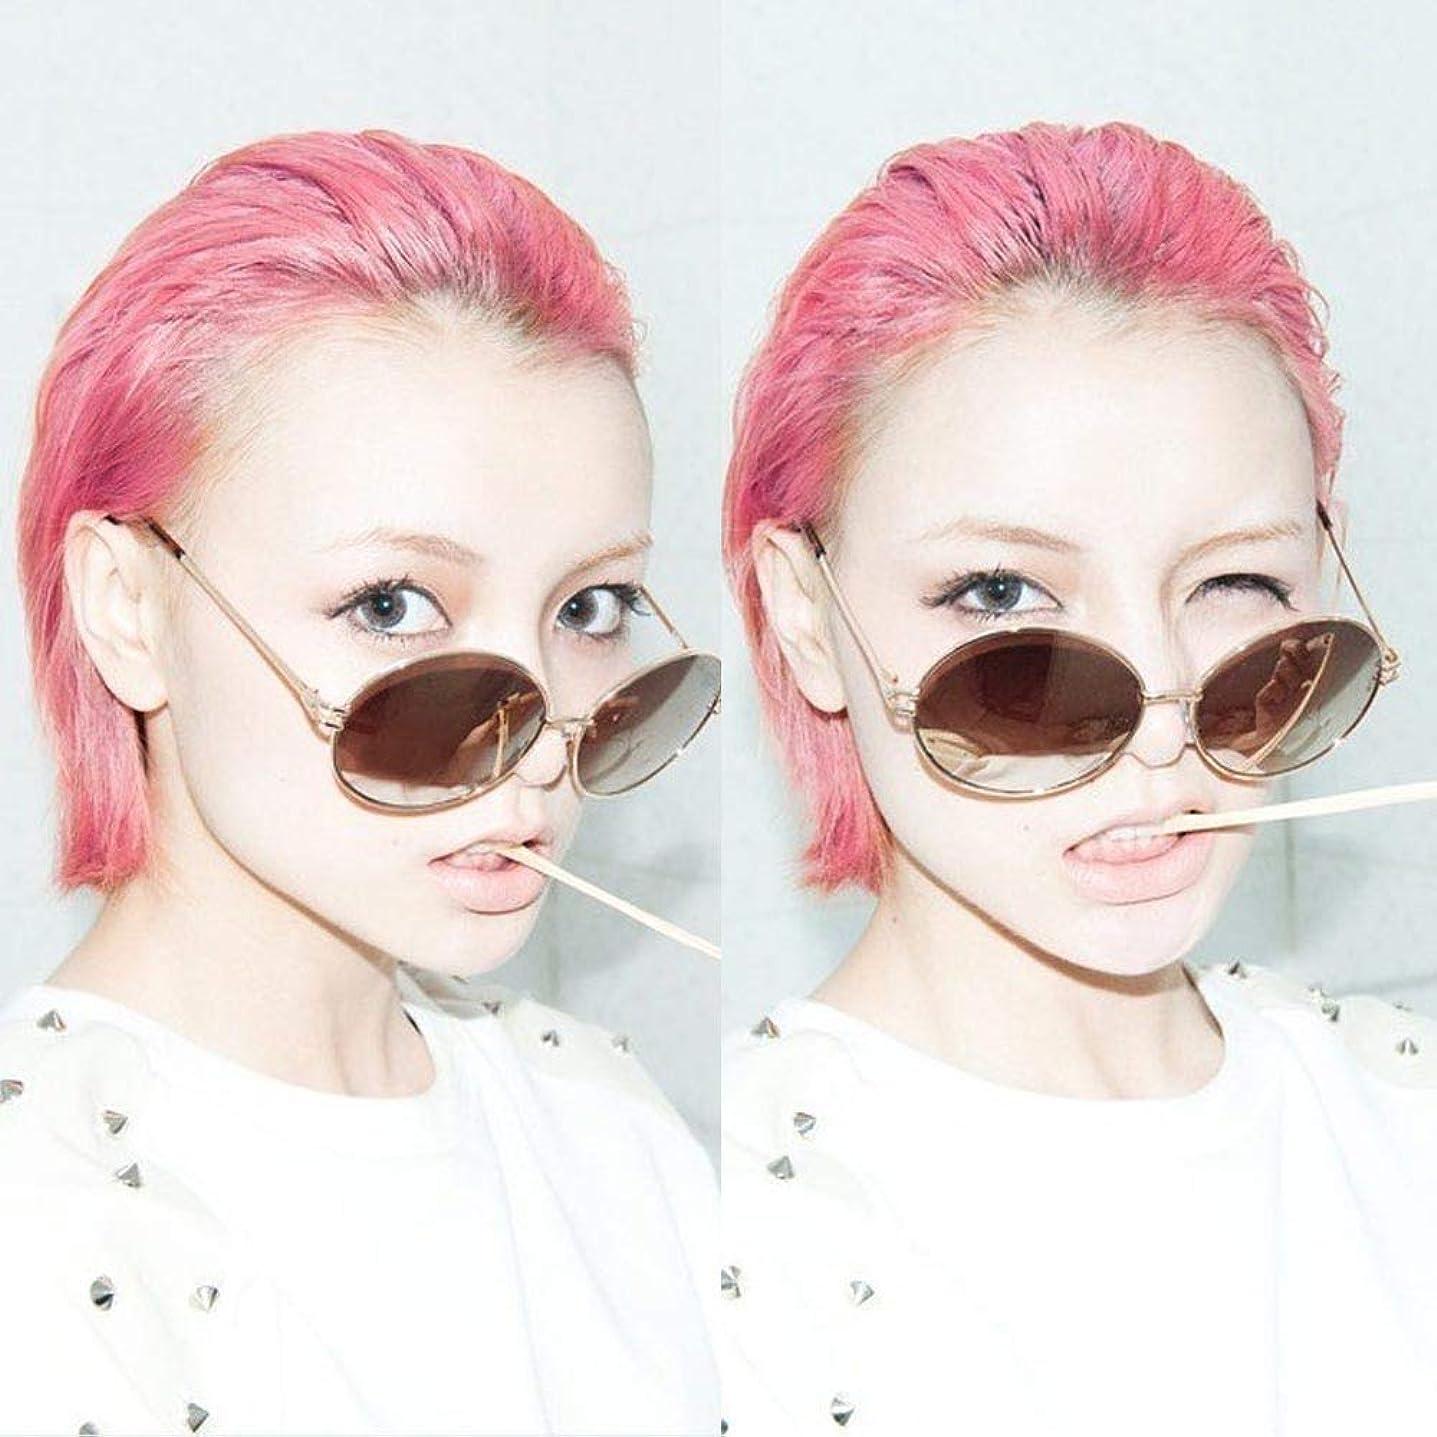 舌なぜトーナメント美容室用のヘア?パステルペン 髪染めチョーク ボックス セット オシャレ 24枚